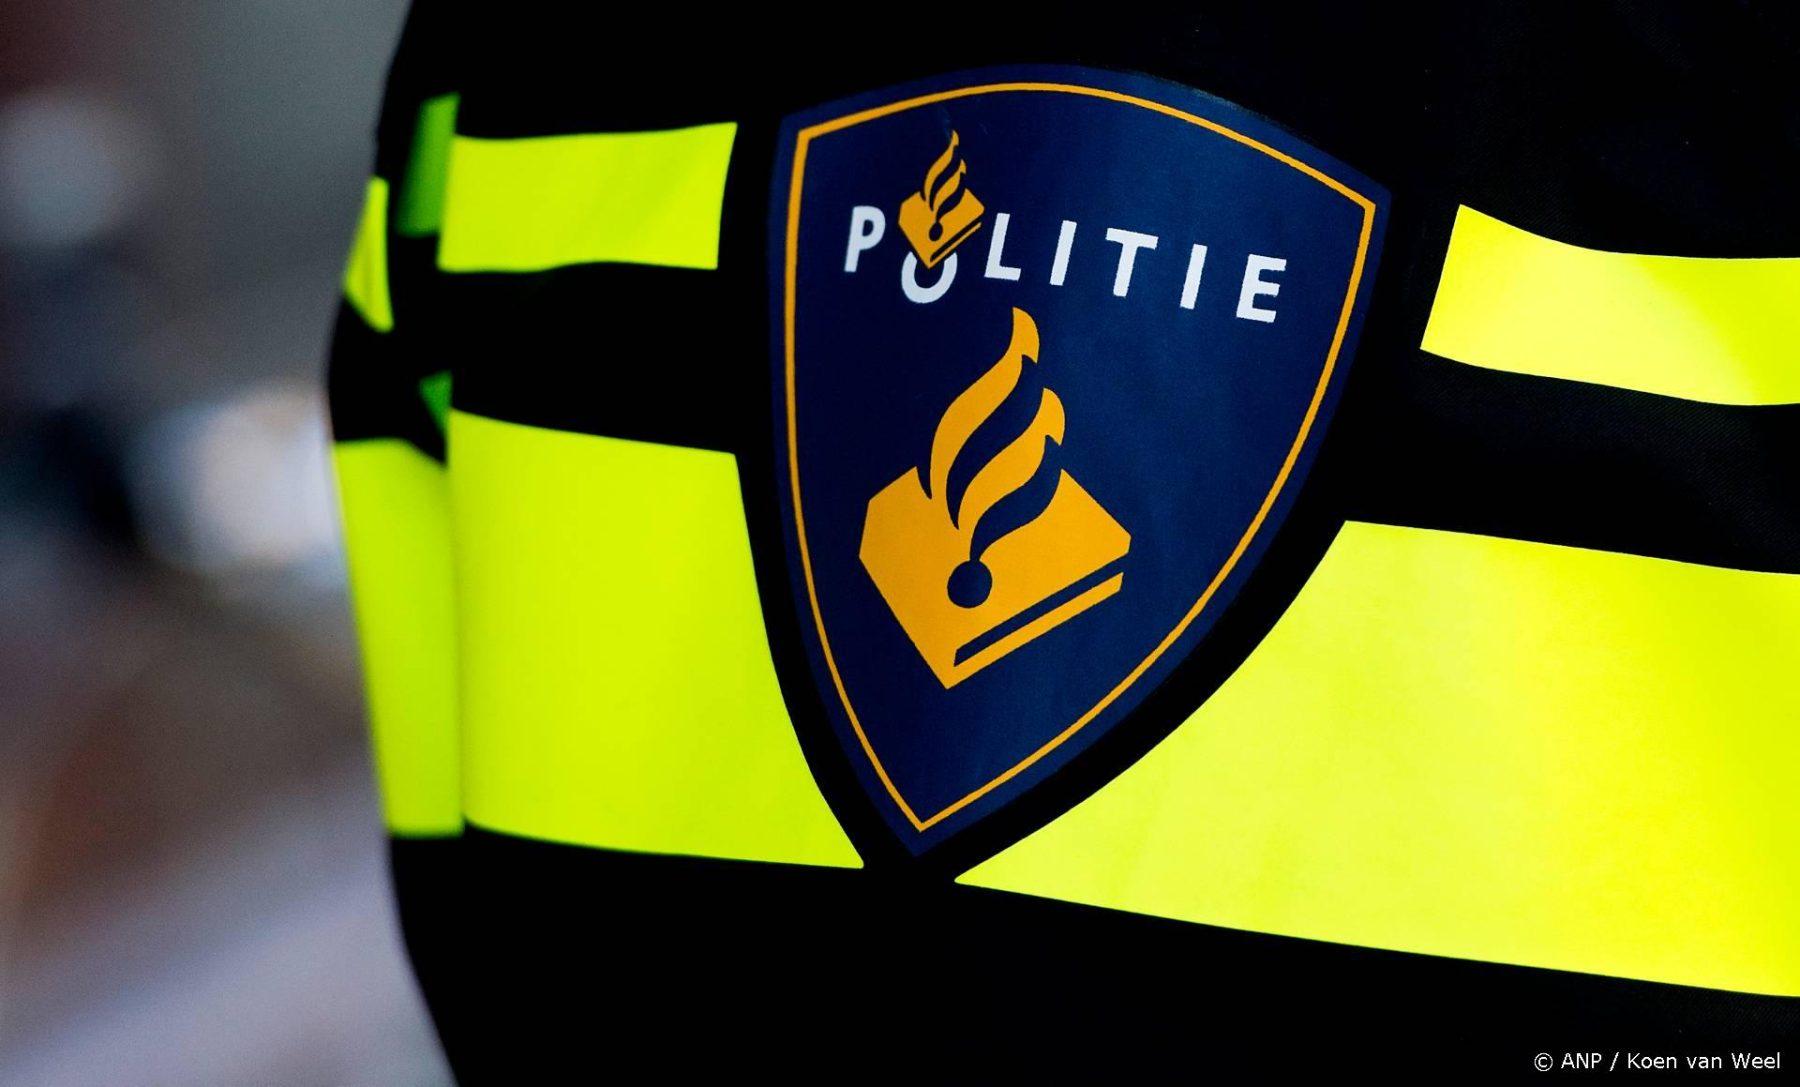 Rotterdamse agent vast op verdenking van ernstig zedenmisdrijf